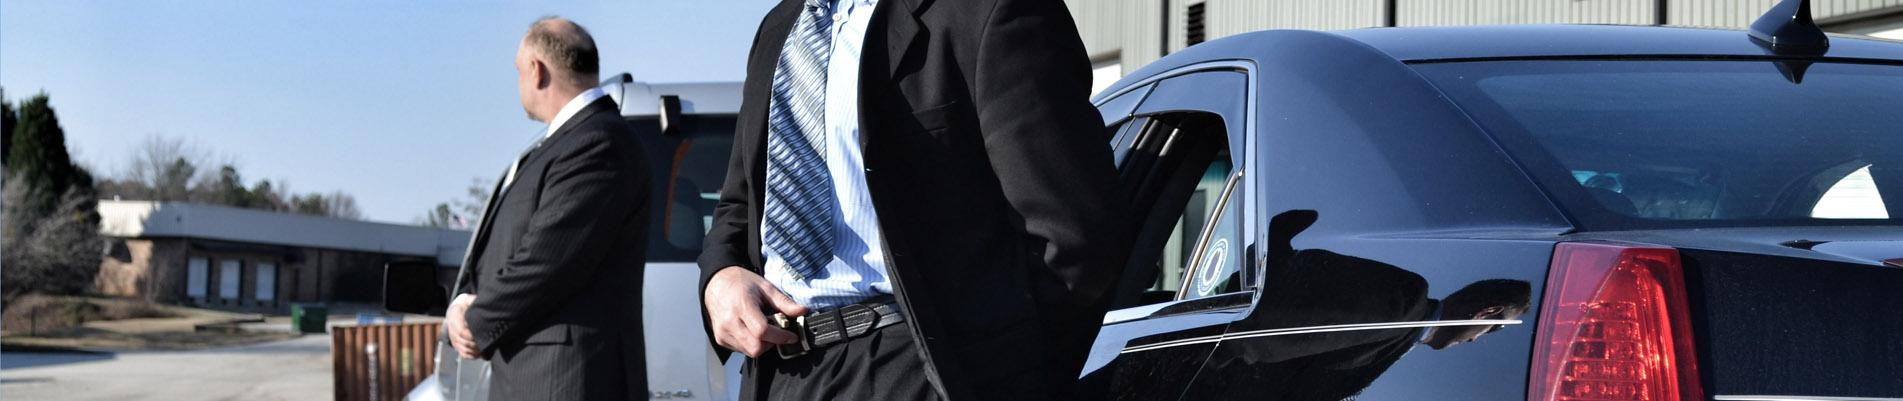 Bodyguard, VIP Security, Executive Protection, Executive ...